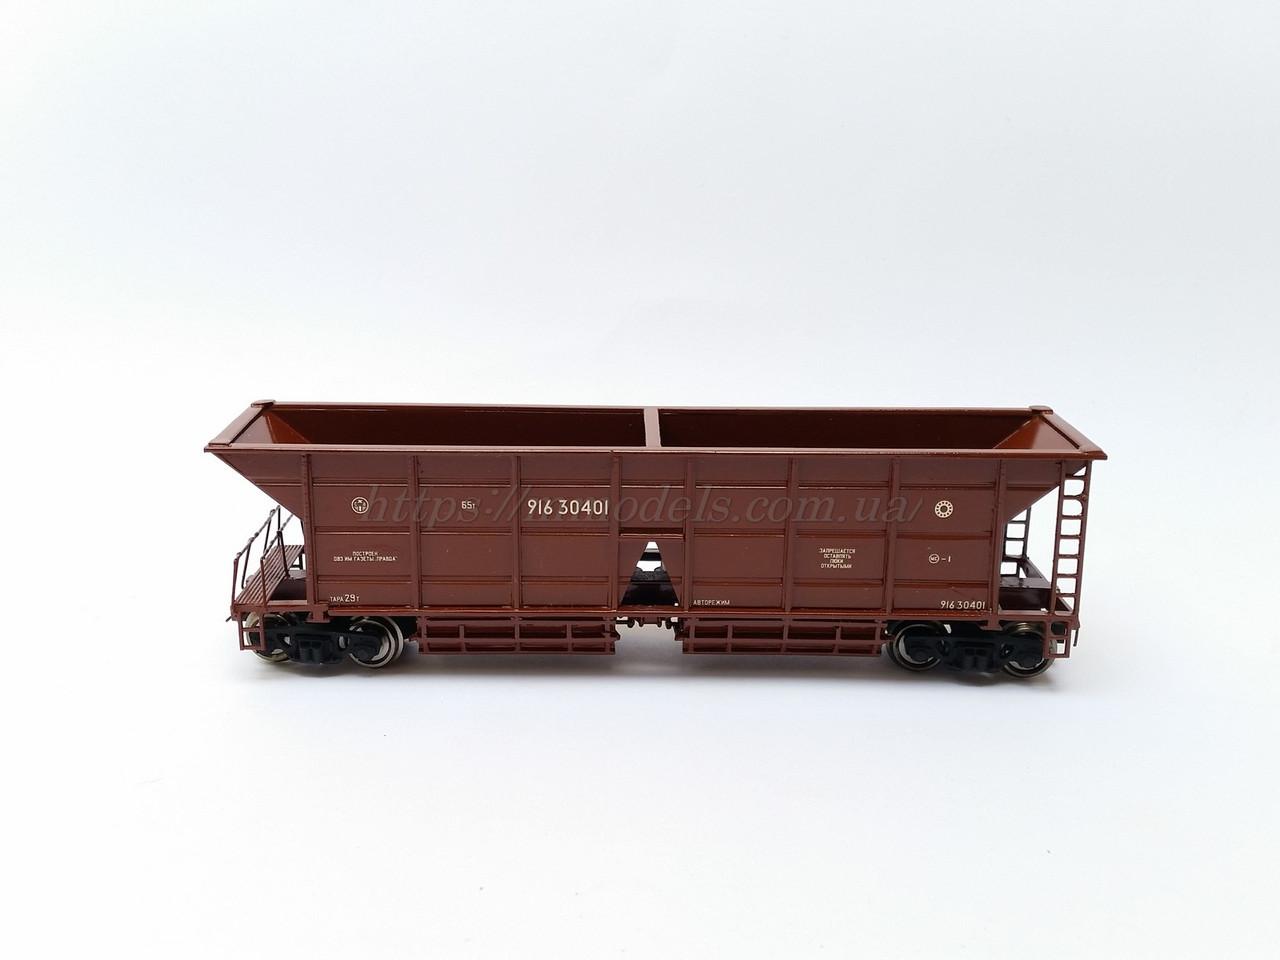 4-осный вагон-хоппер для угля, модель 22-4003, СЖД, H0,1/87